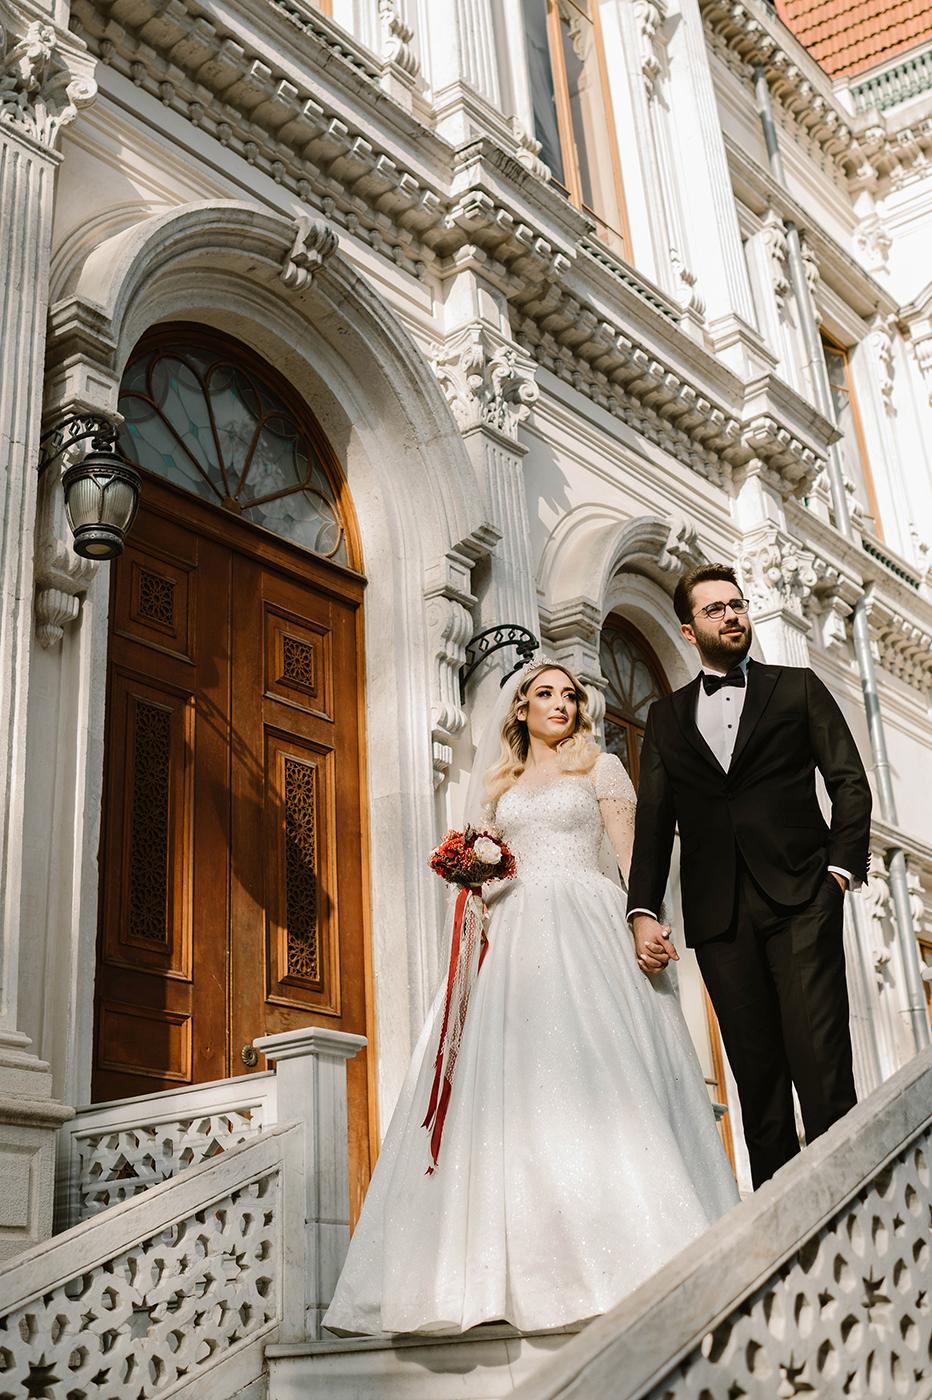 adile sultan kasrı düğün fotoğrafçısı, adile sultan kasrı nişan fotoğrafçısı, adile sultan kasrı gelin damat fotoğrafları, adile sultan kasrı fotoğraf çekimi, adile sultan düğün nişan fotoğrafları